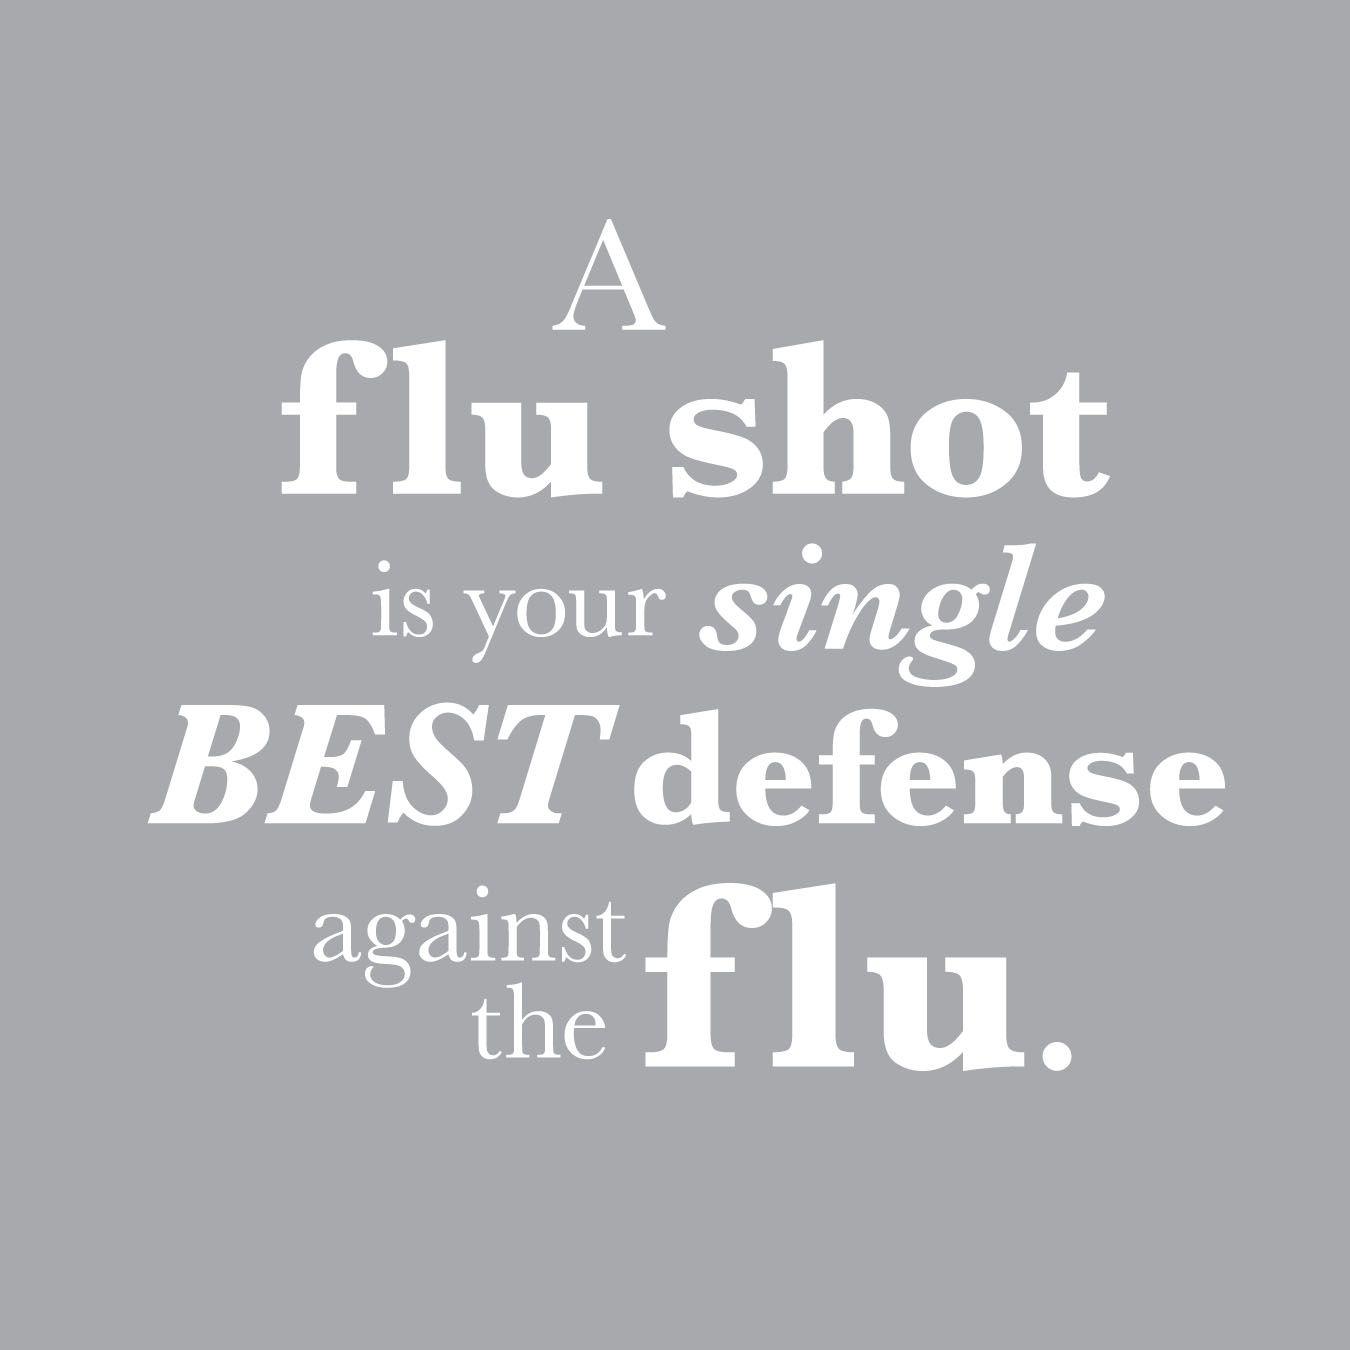 39e8a749f06ed6bab12ba050a2be6b82 - How Long Does It Take To Get A Flu Shot At Publix